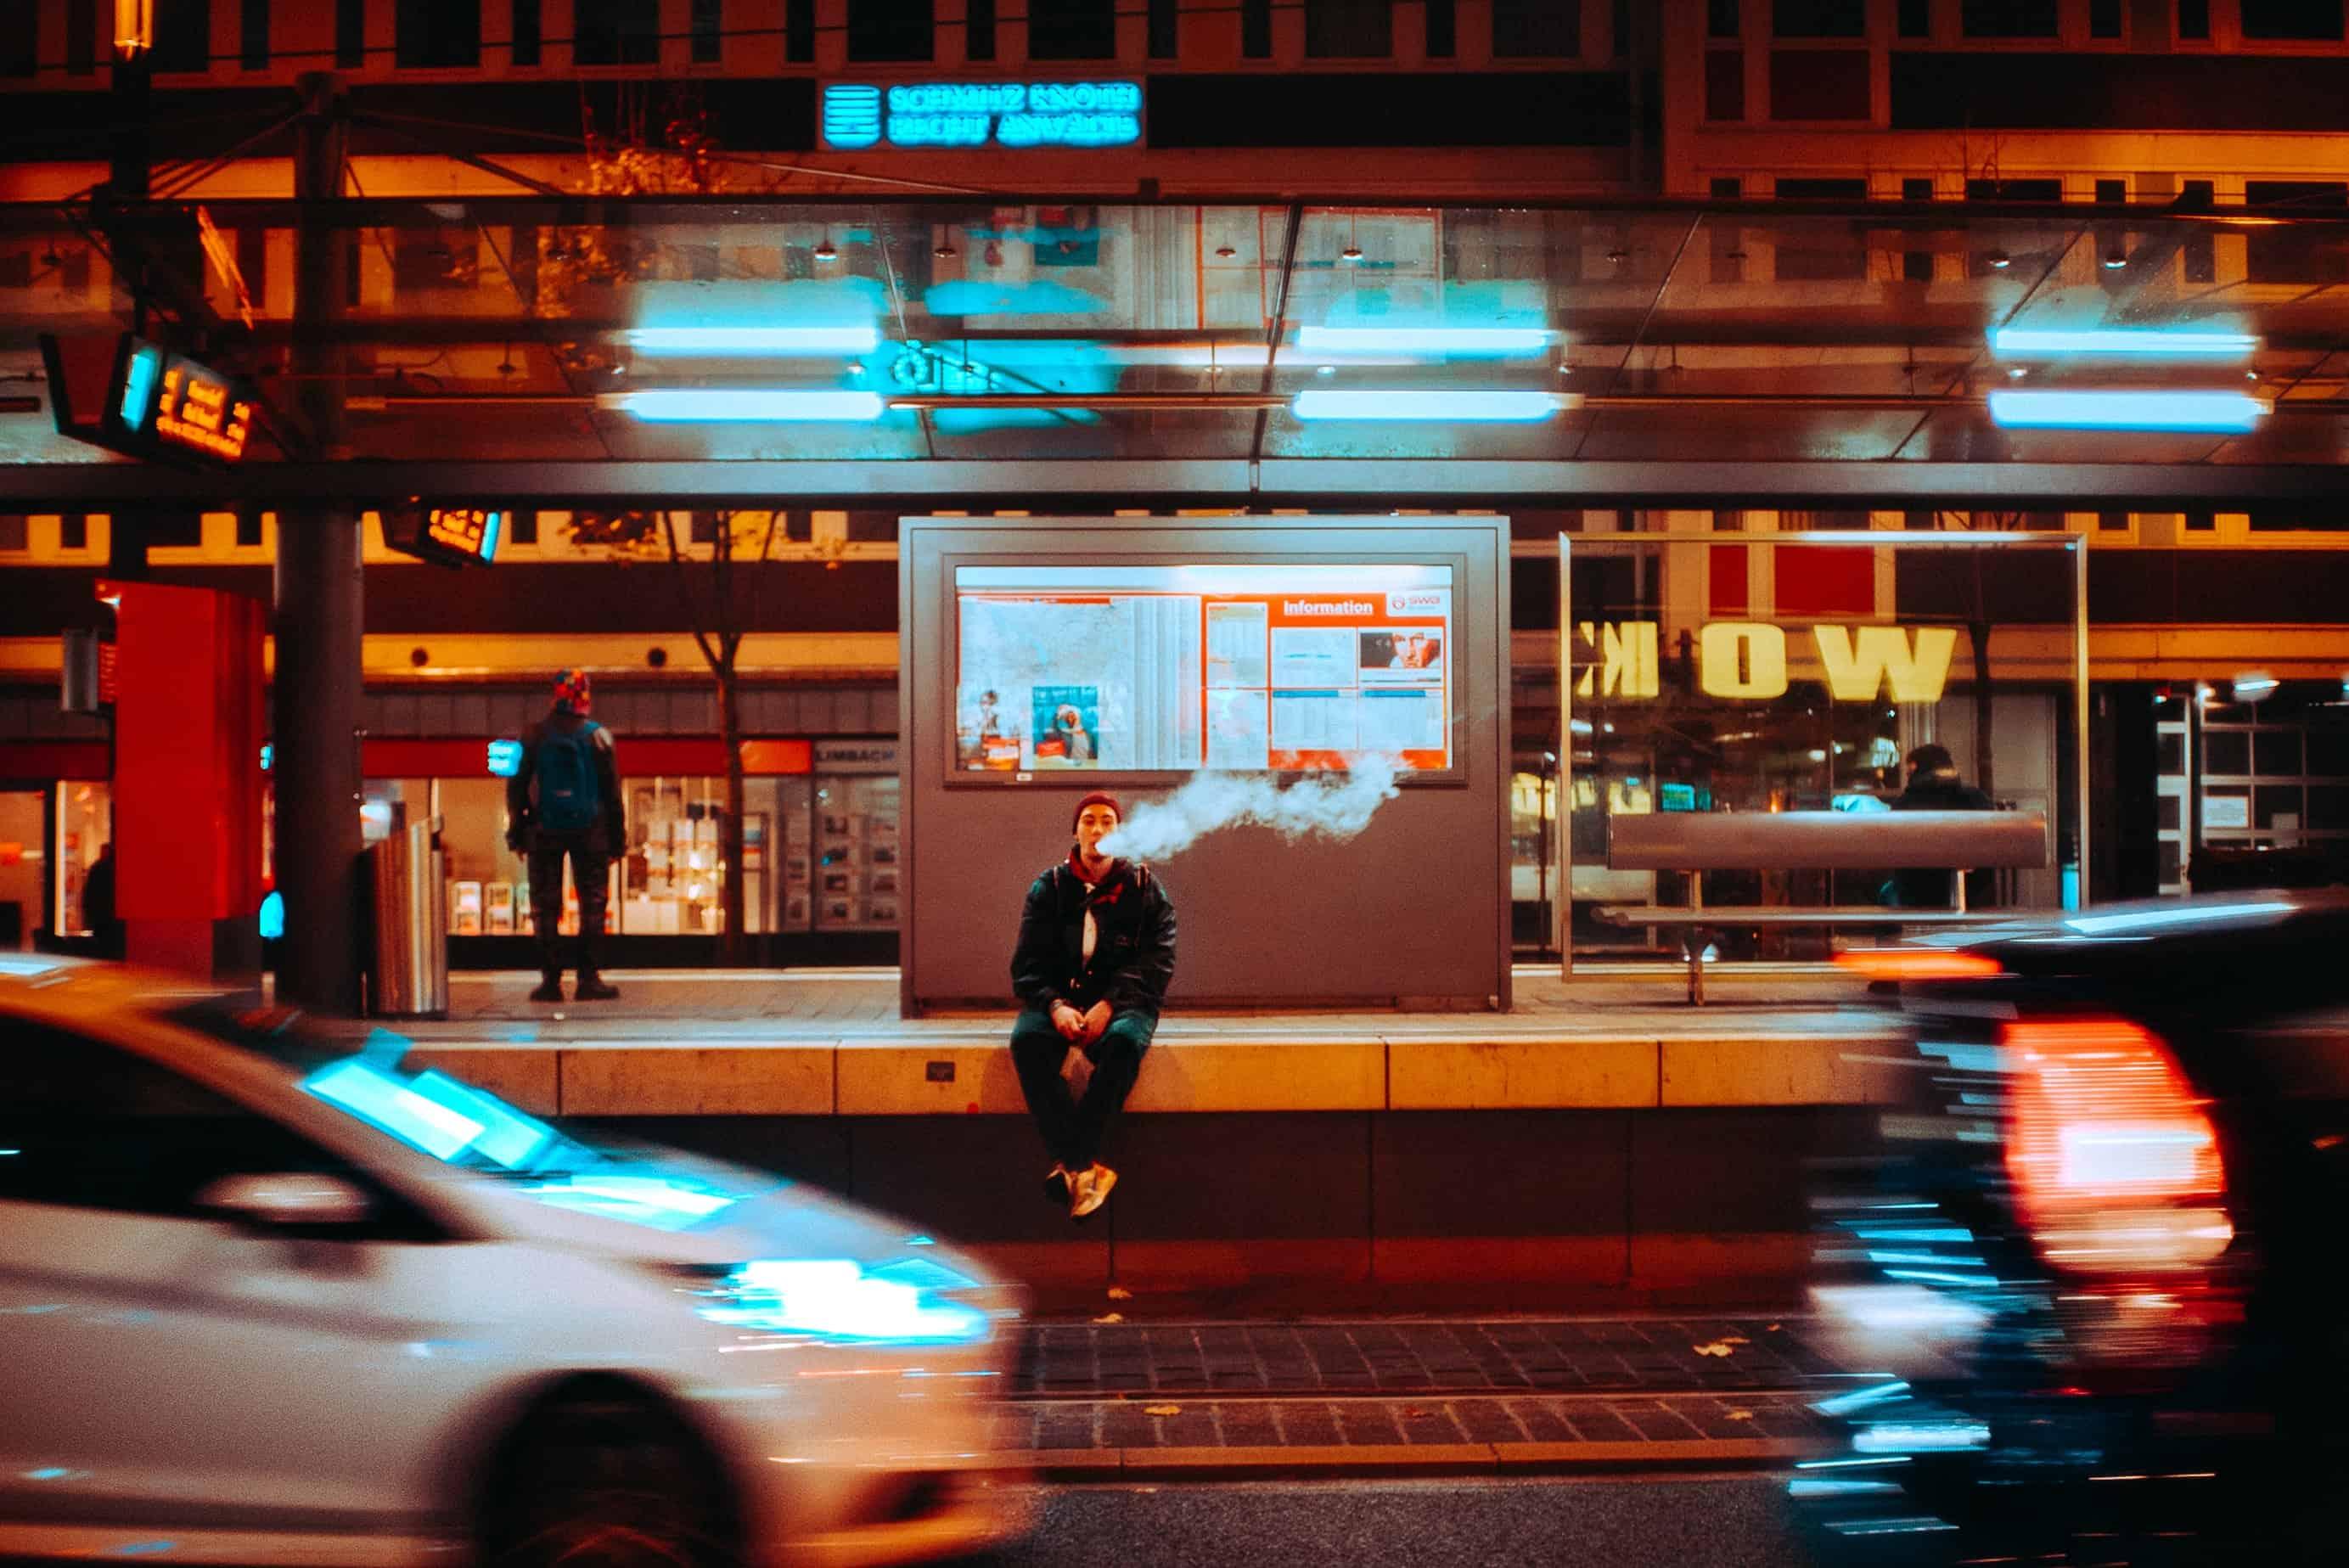 Junge raucht E Zigarette an einer Bushaltestelle, Straße